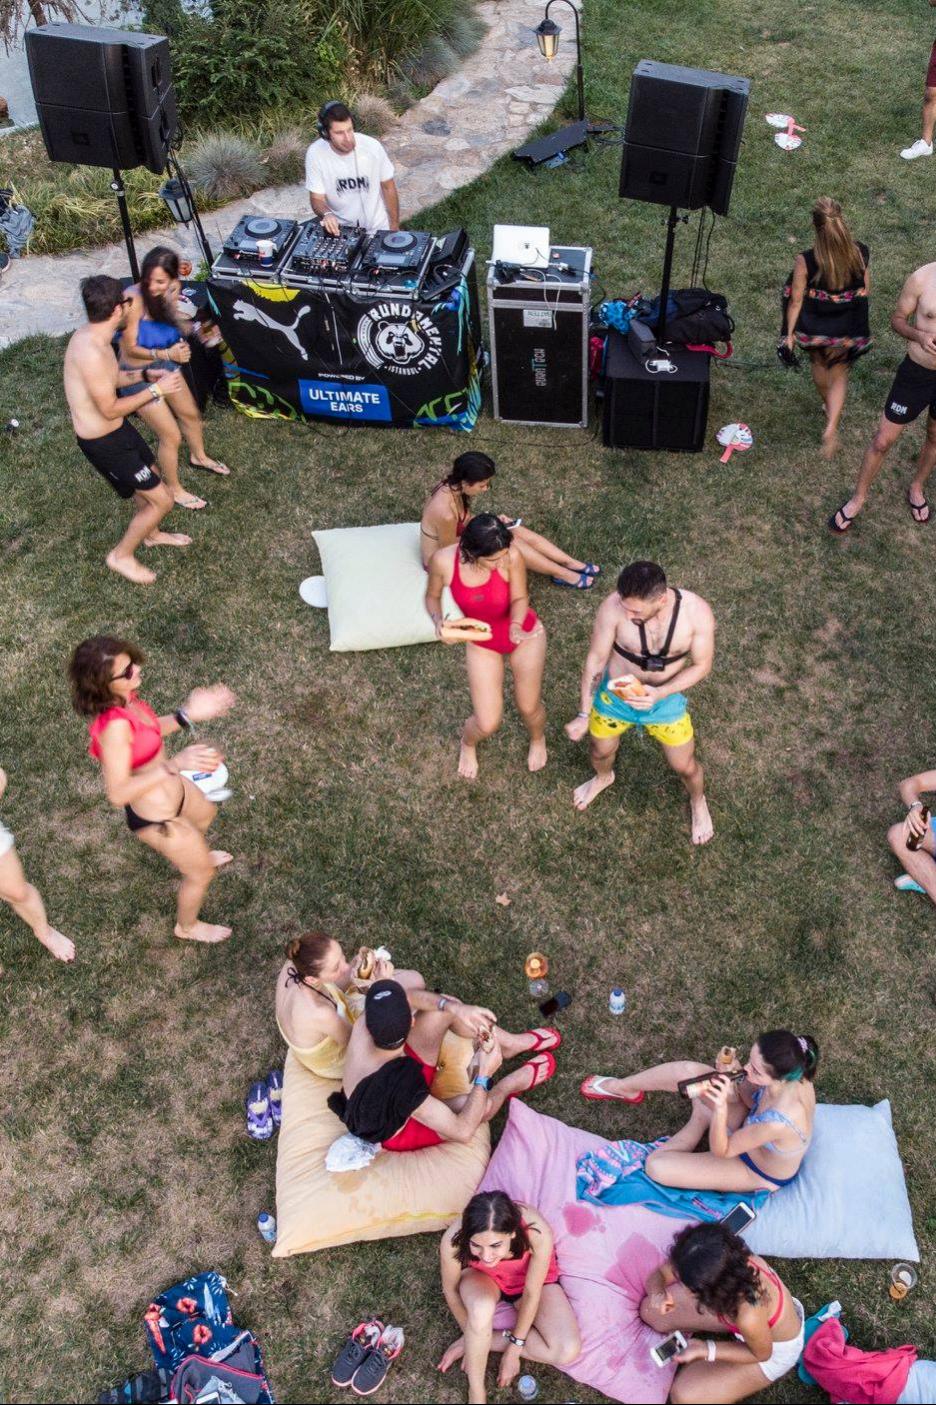 Rundamental pool party